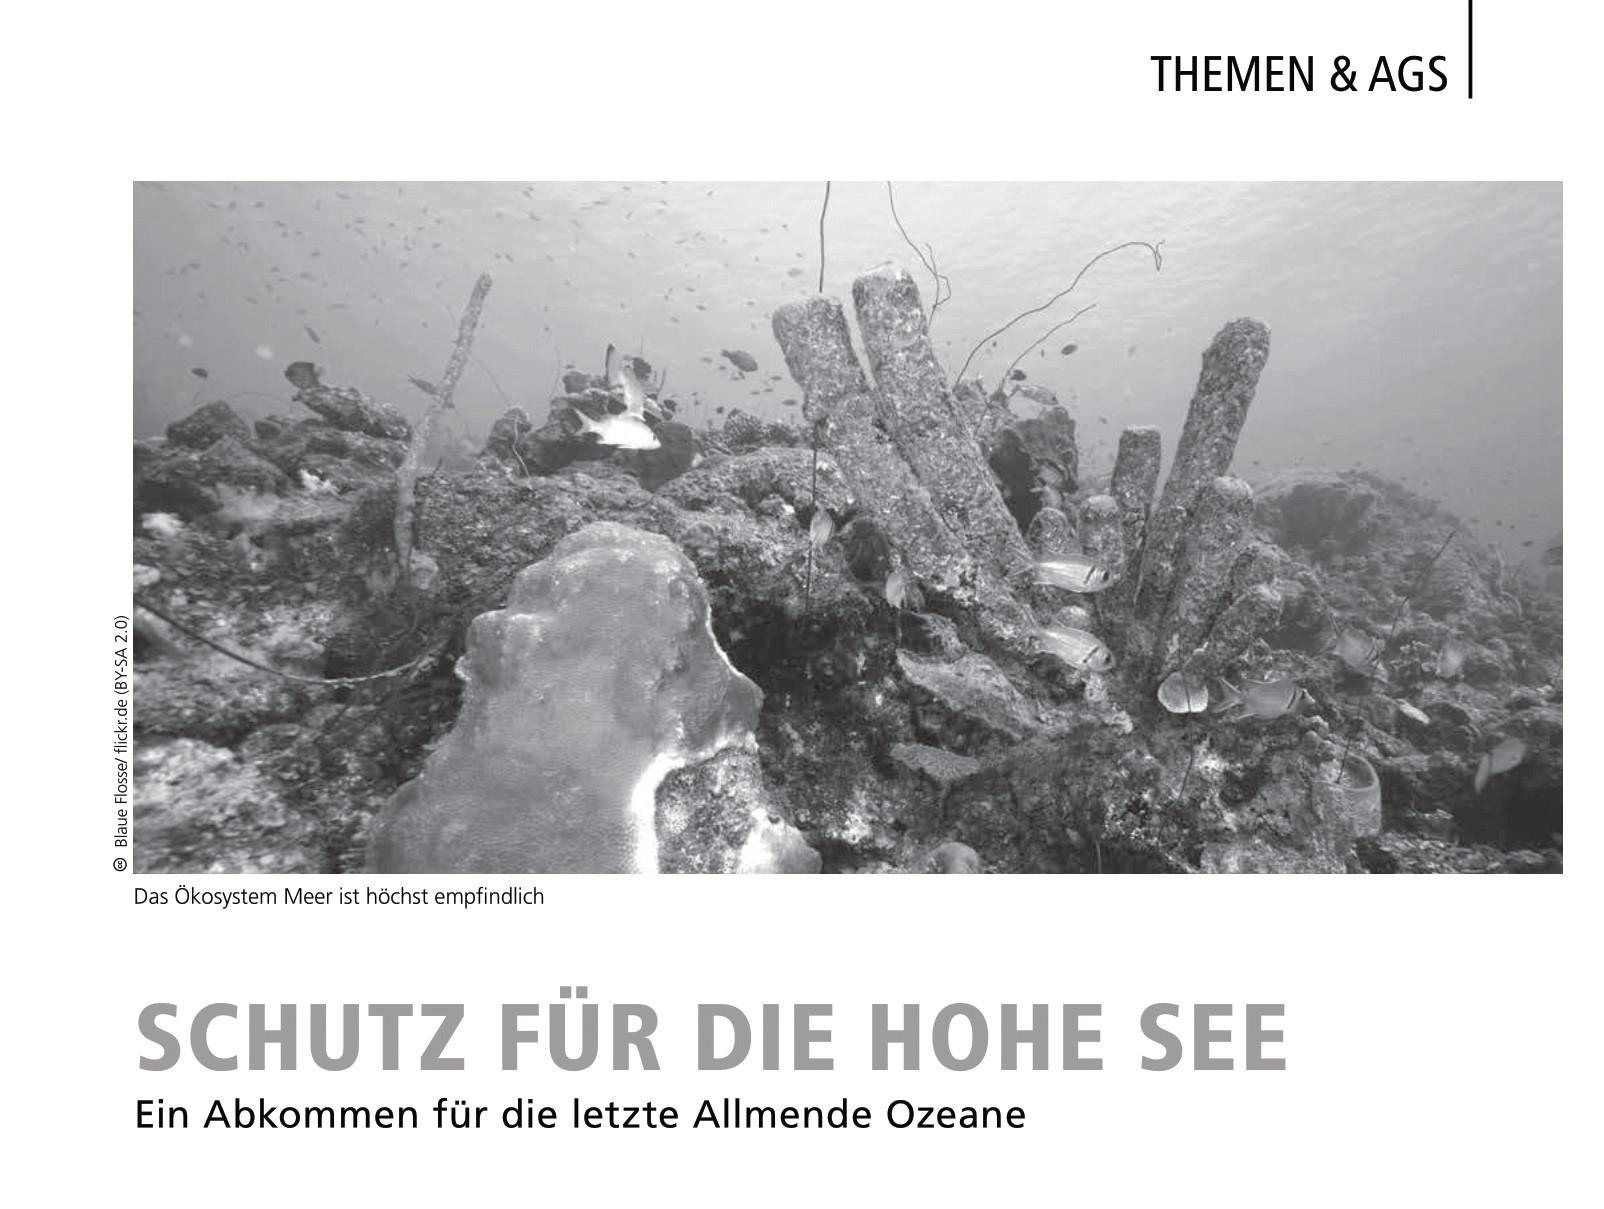 Zeitungsausschnitt Artikel Schutz für die Hohe See mit Bild eines Korallenriffs und der Unterschrift Das Ökosystem Meer ist höchst empfindlich